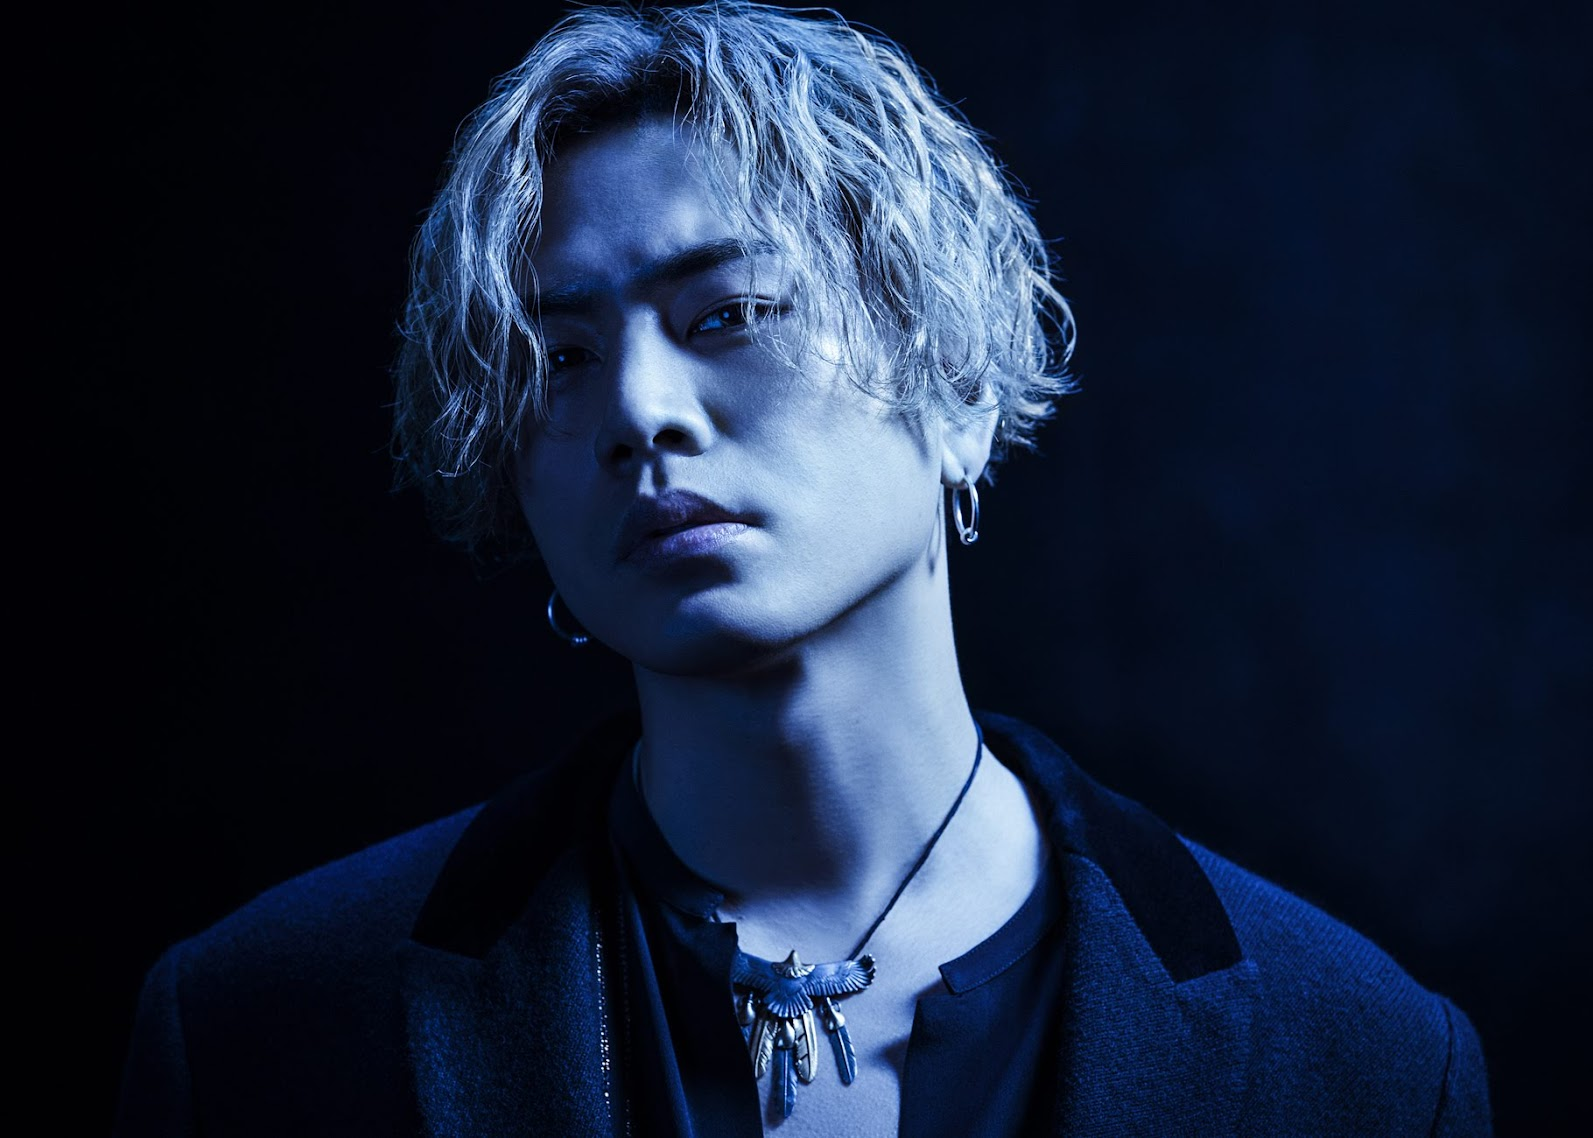 [迷迷音樂] 三代目 J SOUL BROTHERS from EXILE TRIBE 主唱  登坂廣臣 為演唱會提議親自來台宣傳